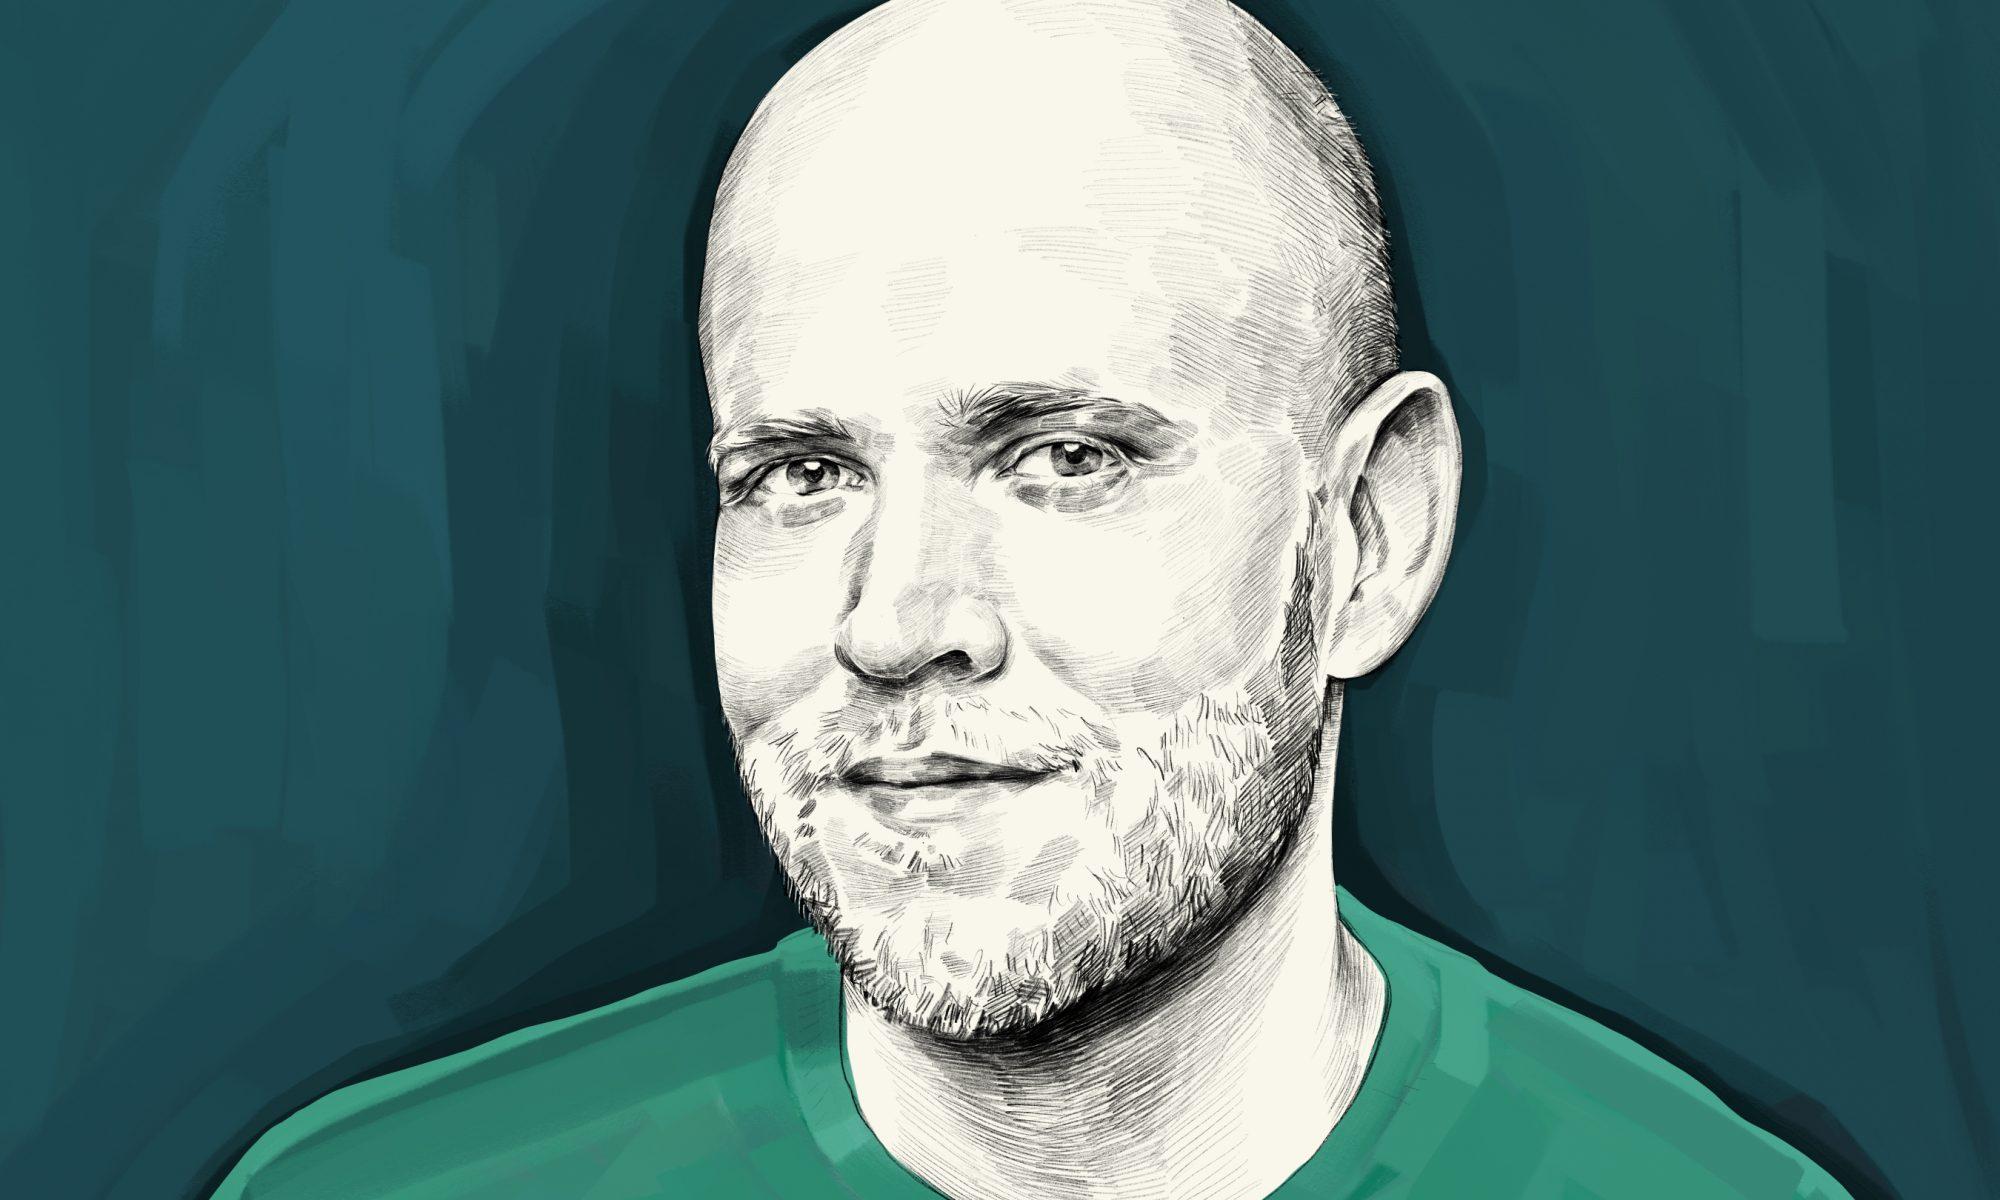 Artist's rendering of Daniel Ek.